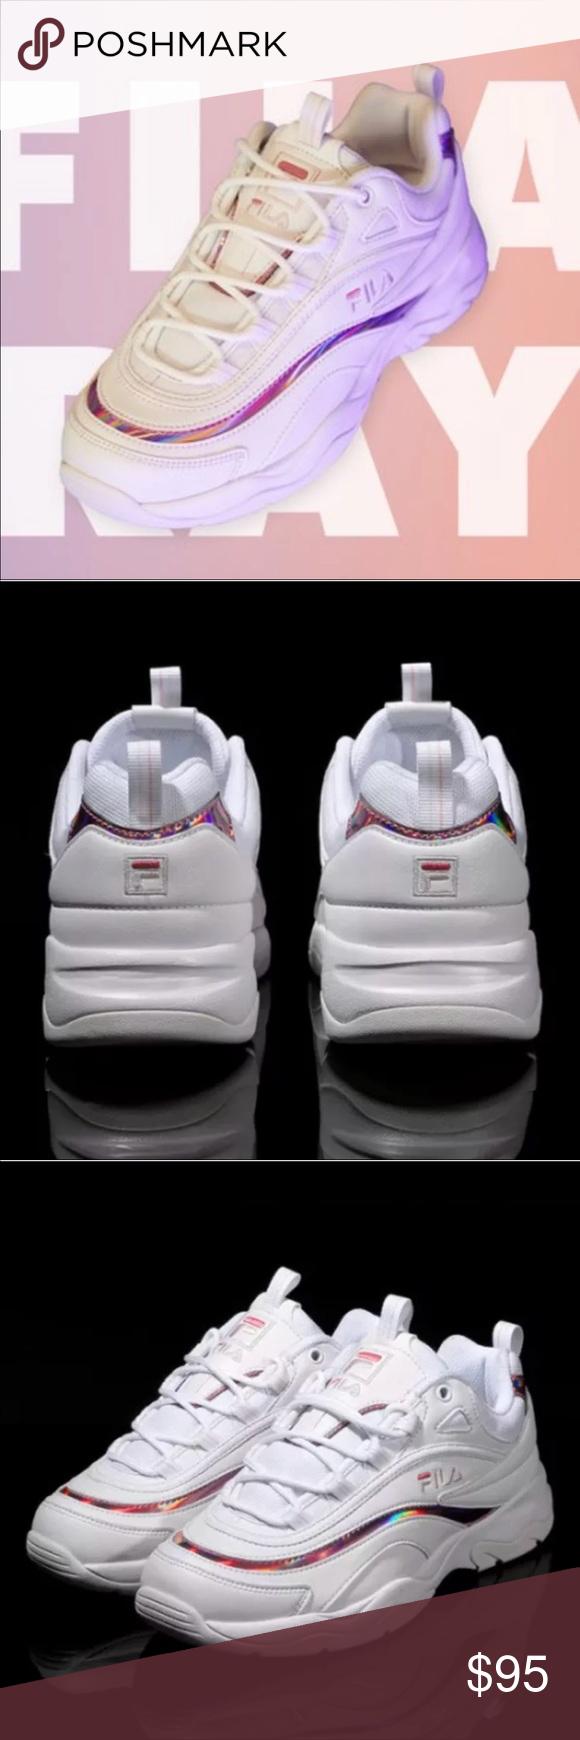 meet 2aa5c b7821 These are a U.S.A women s size 7. Brand NEW!! Will ship in original fila  box. Fila Shoes Sneakers